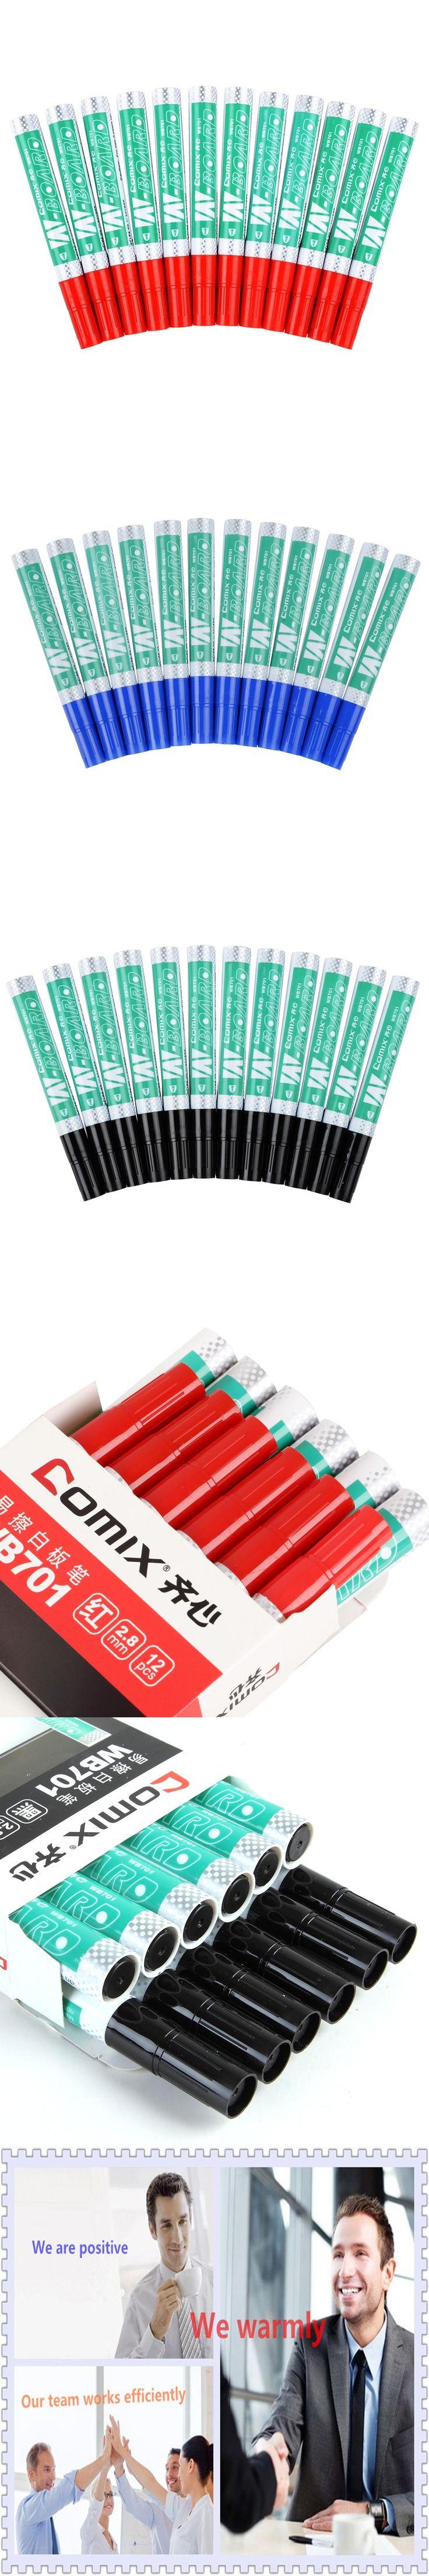 Office Supplies 12pcs  Dry Wipe Whiteboard Marker  Erasable Whiteboard pen